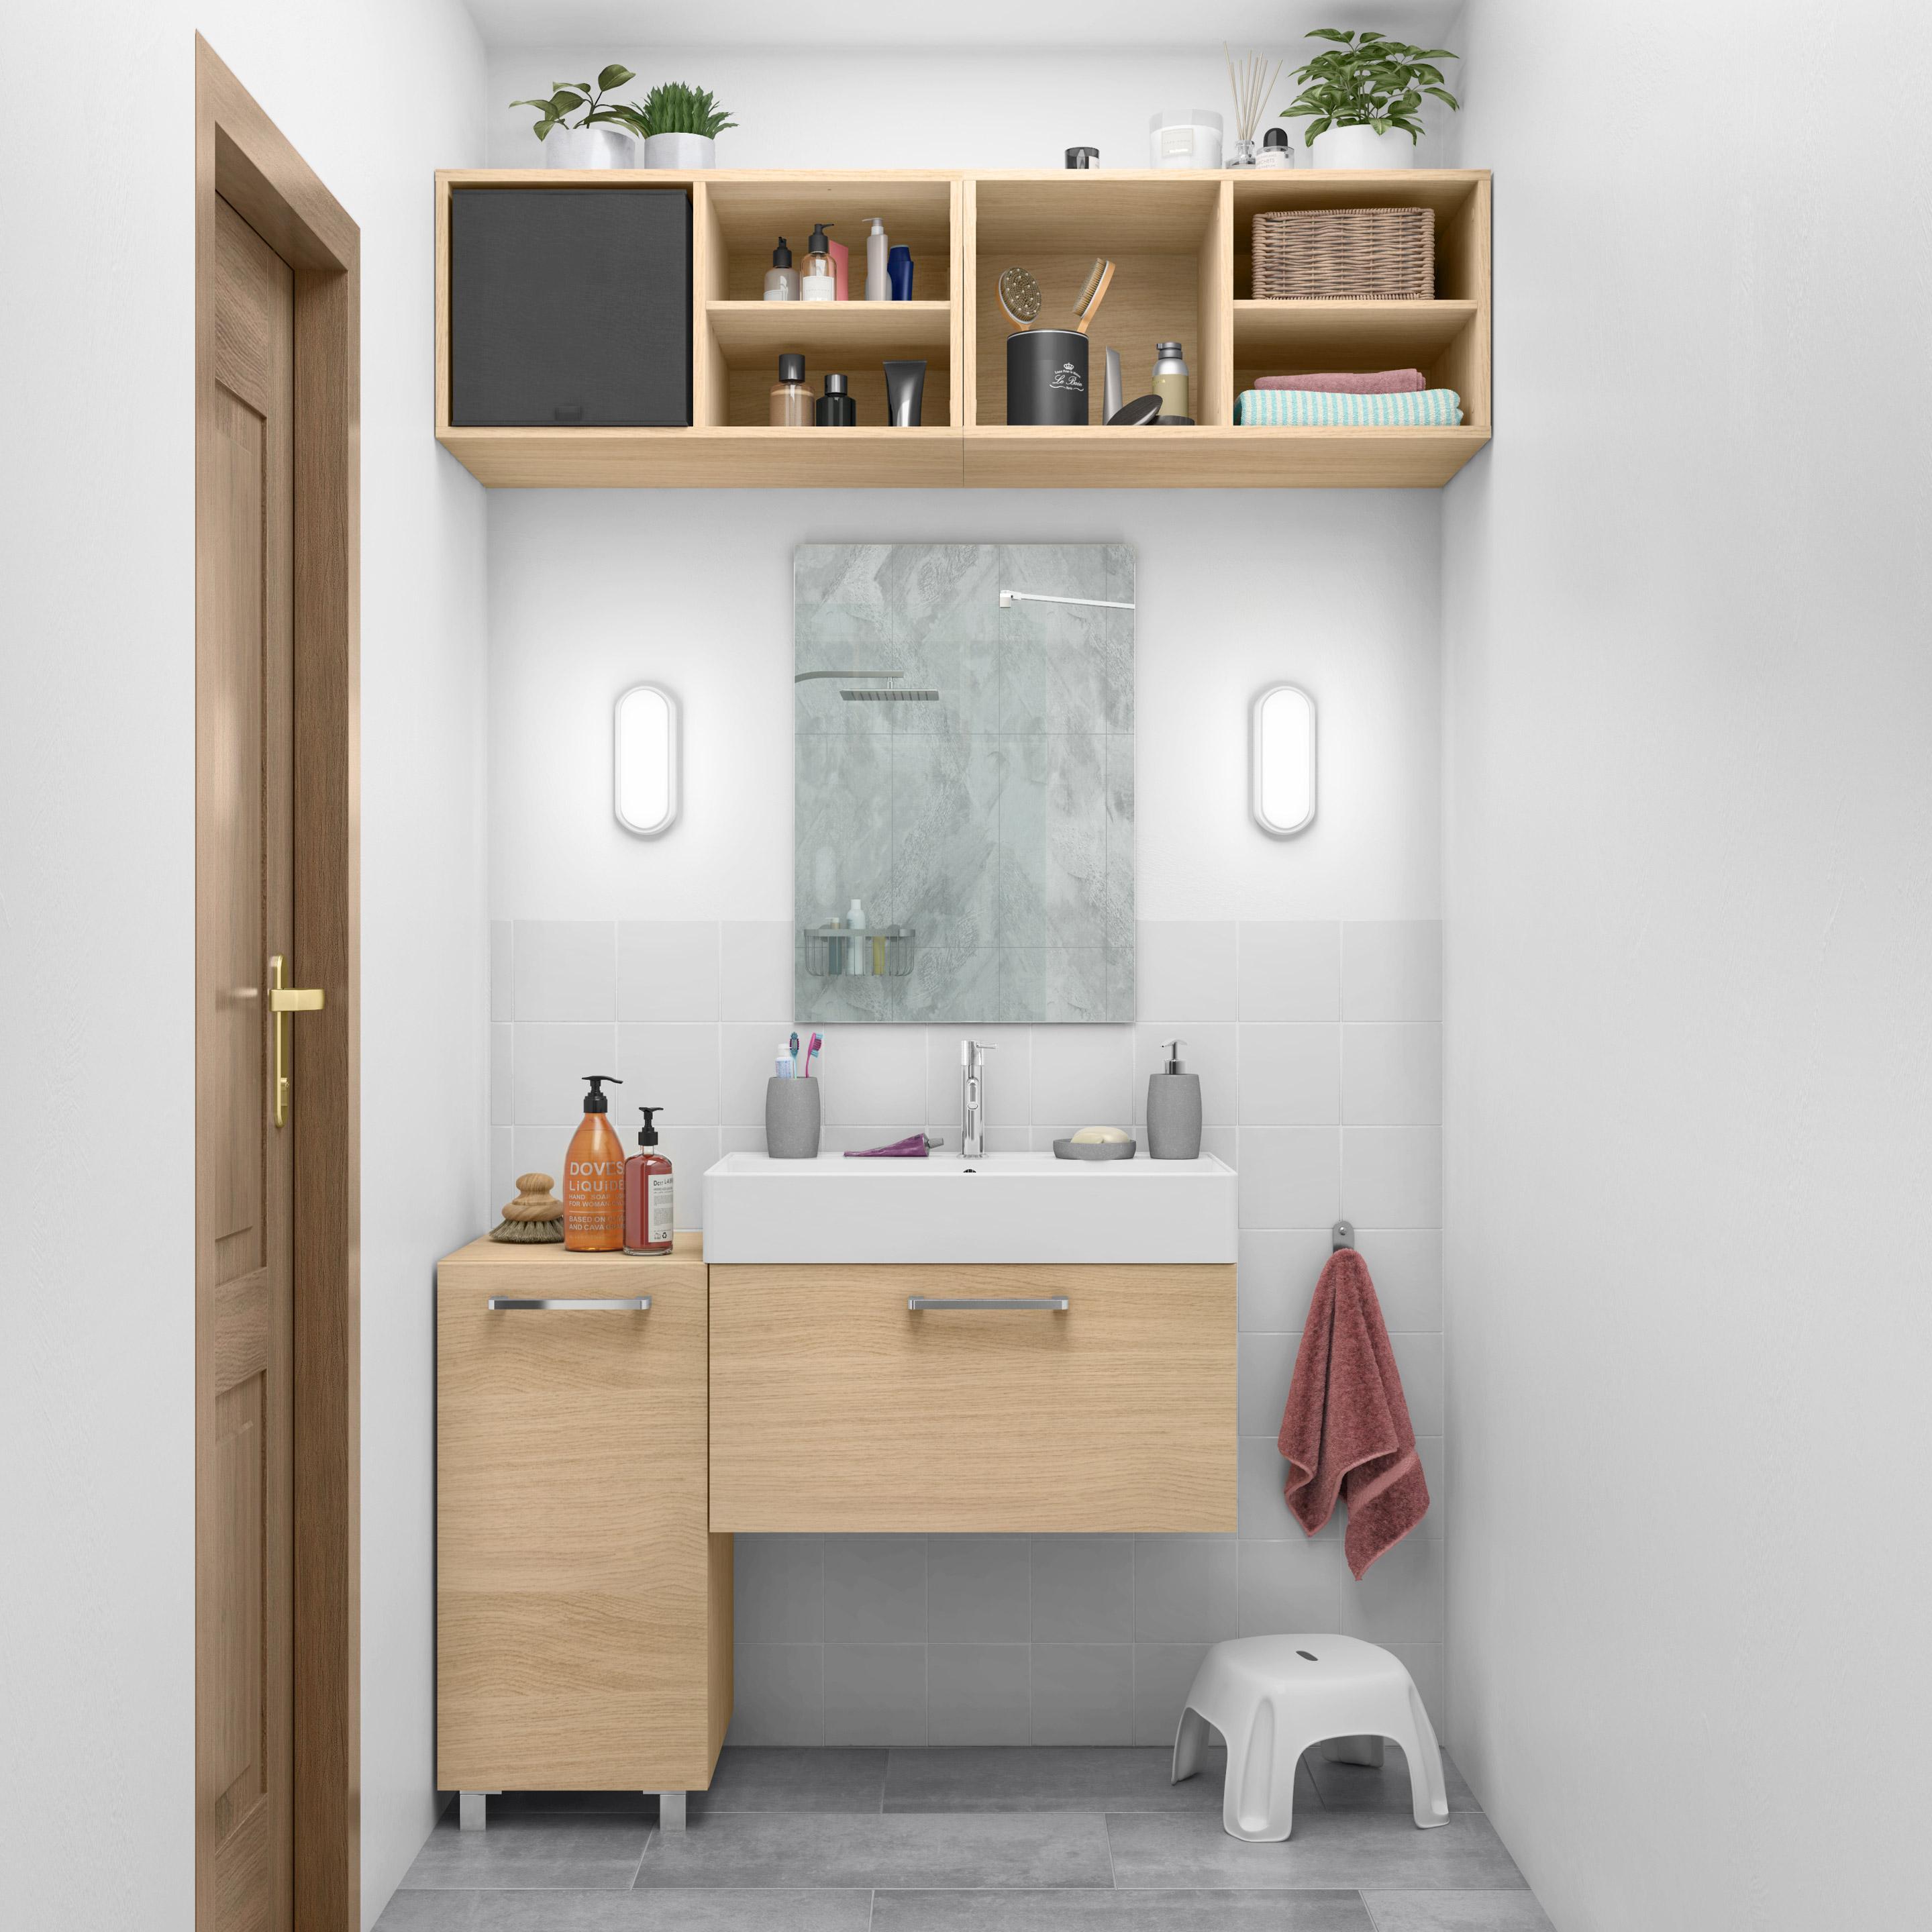 Meuble simple vasque encastée l.70 x H.37 x P.40 cm, effet chêne naturel, Easy